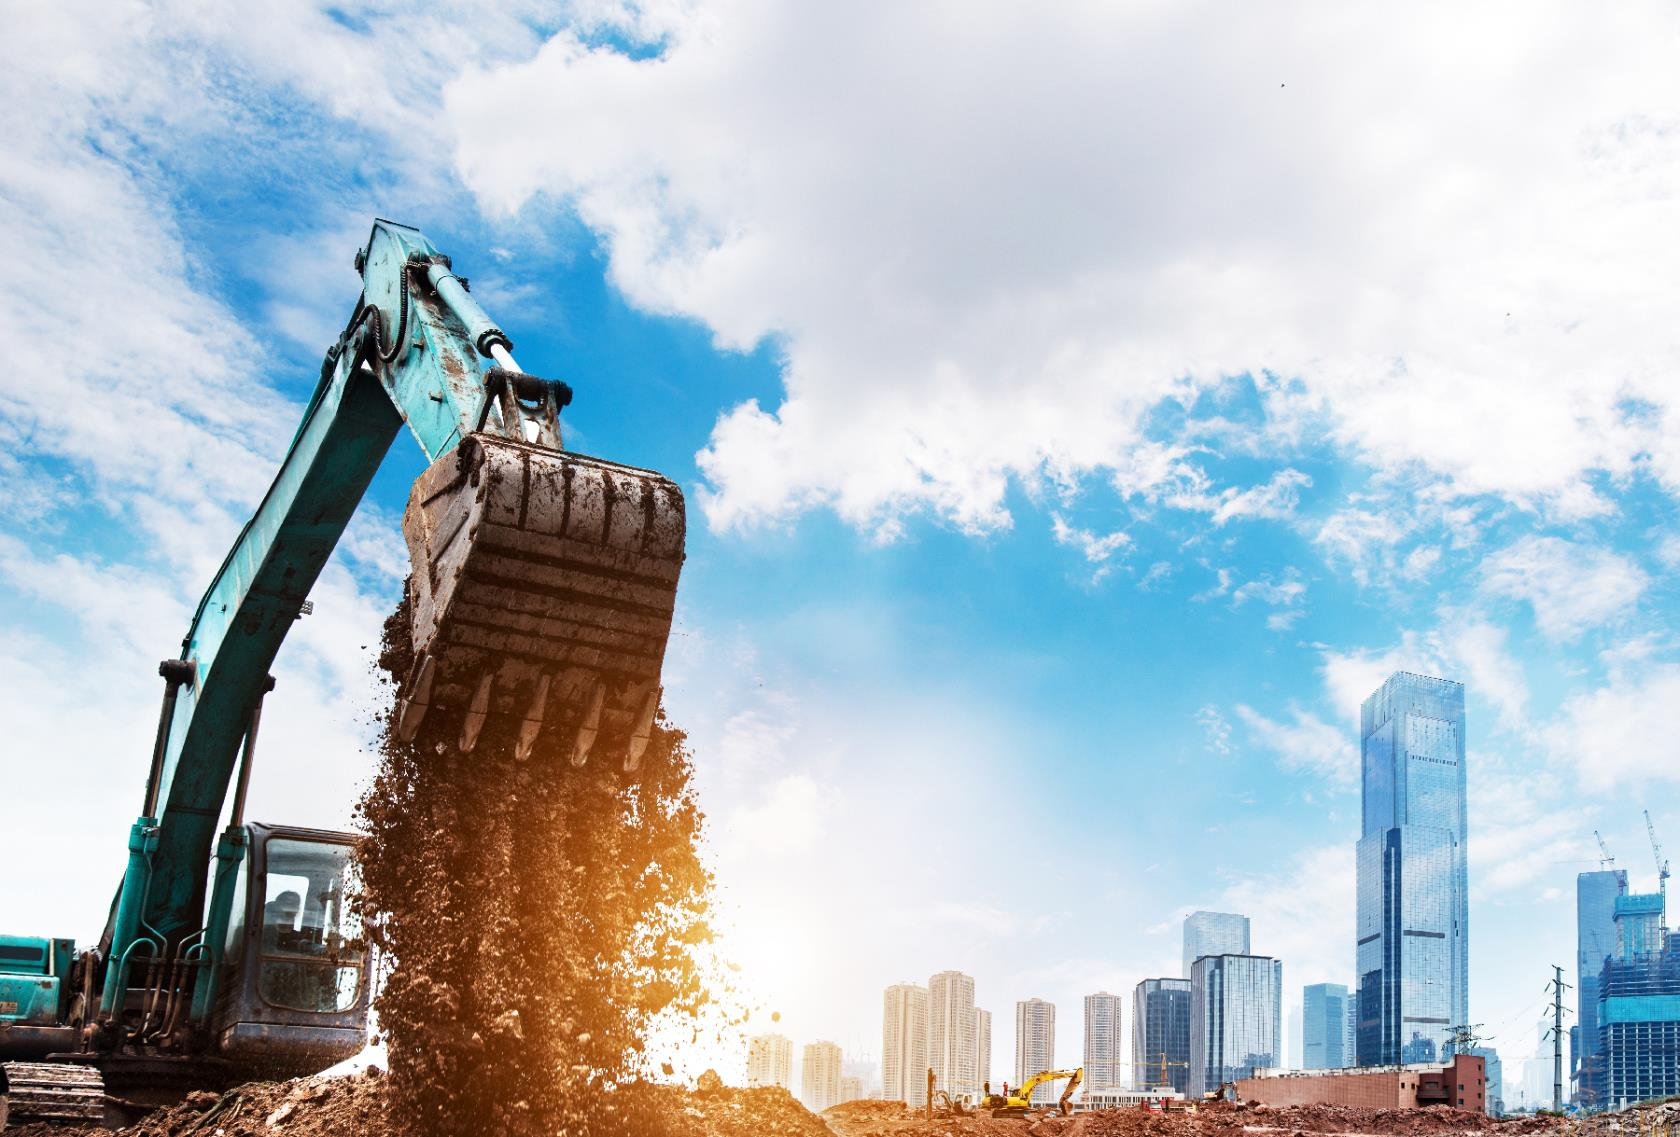 Scavo e movimento terra, demolizioni, opere di urbanizzazione